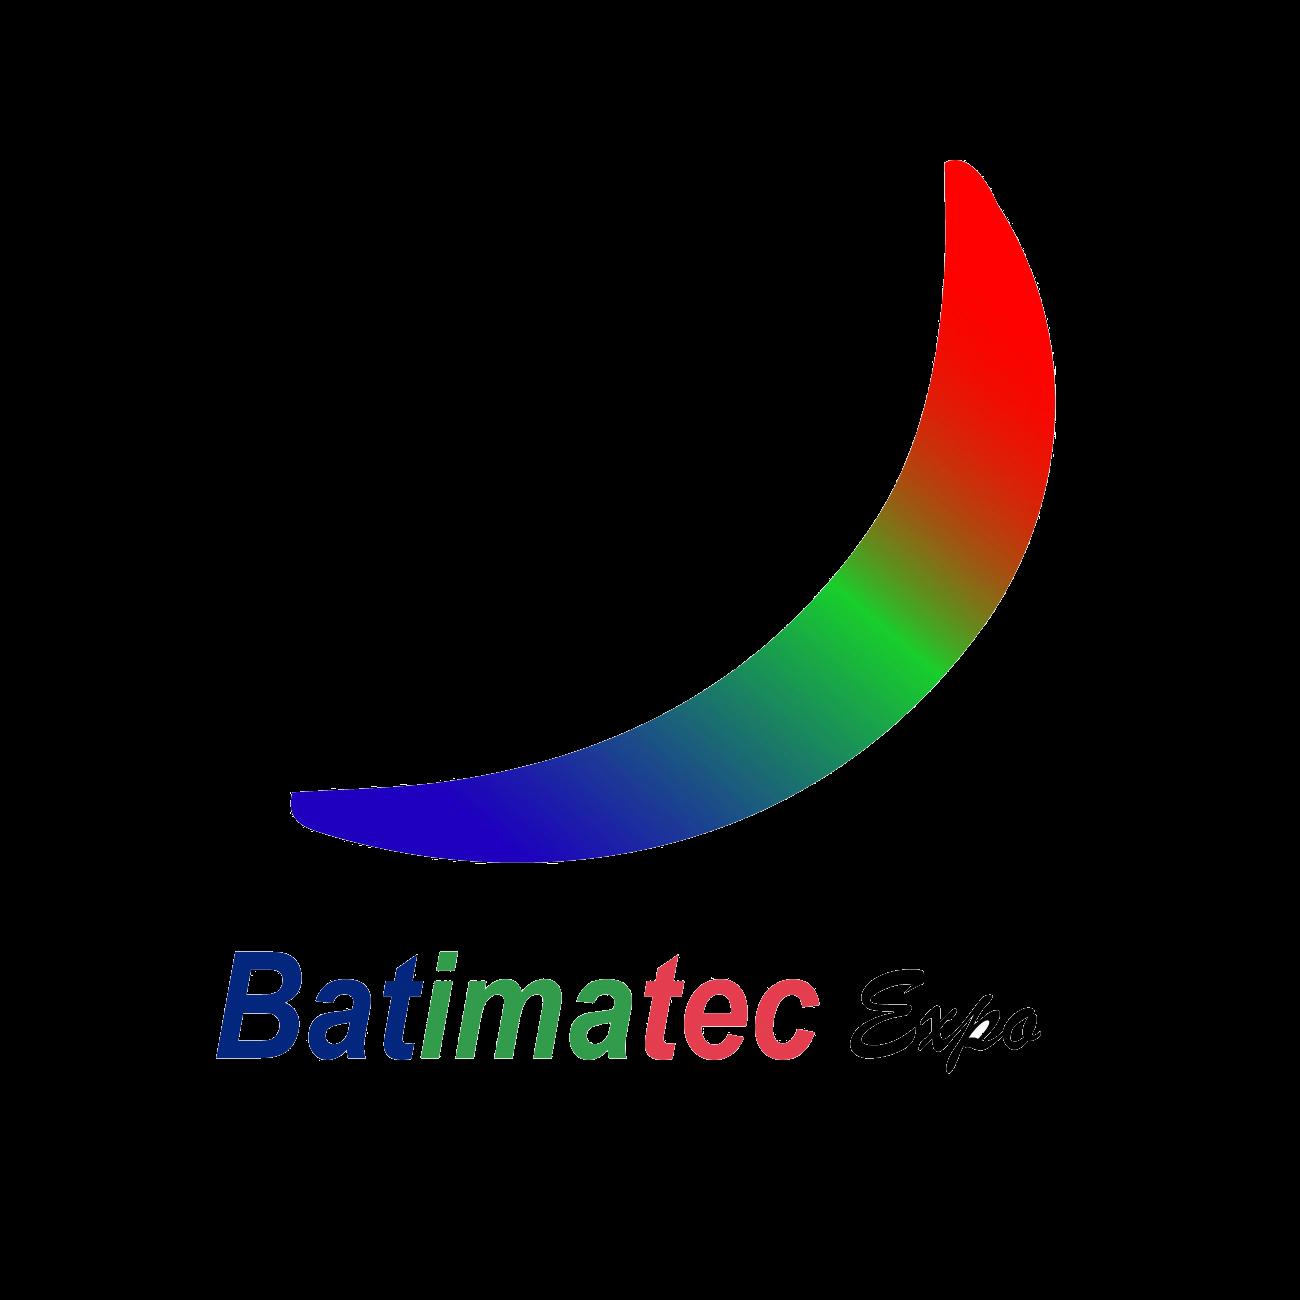 Batimatec Expo Algiers Uluslararası İnşaat Teknolojisi ve Ekipmanları Fuarı